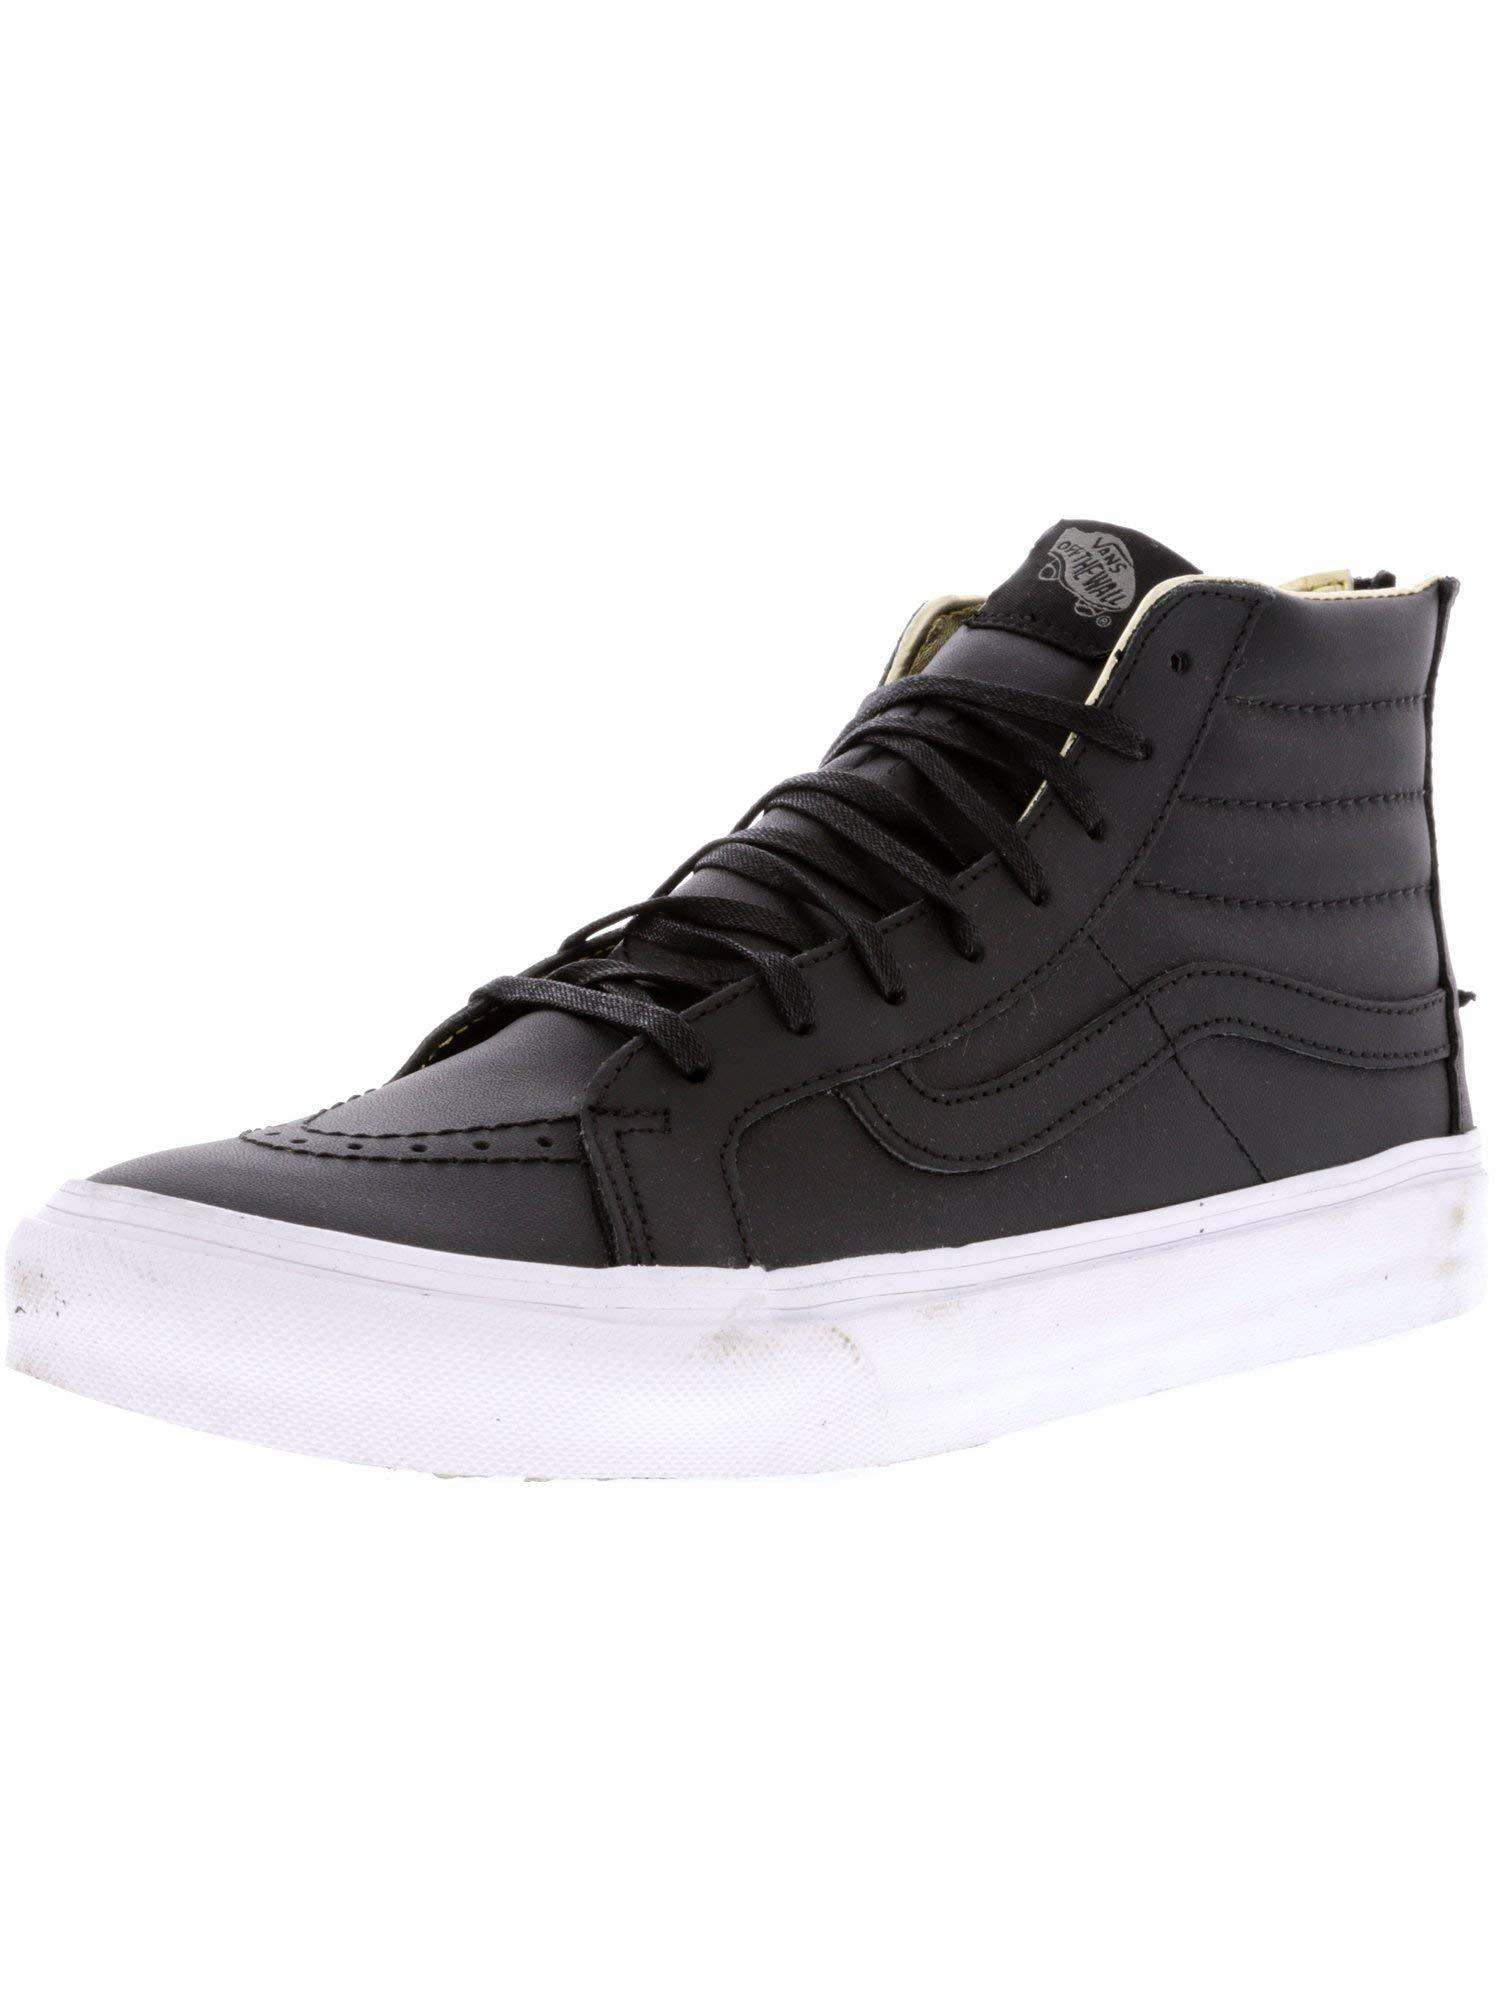 4c449ca7862882 Galleon - Vans Unisex Leather SK8-Hi Slim Zip Black Gold Sneaker - 3.5